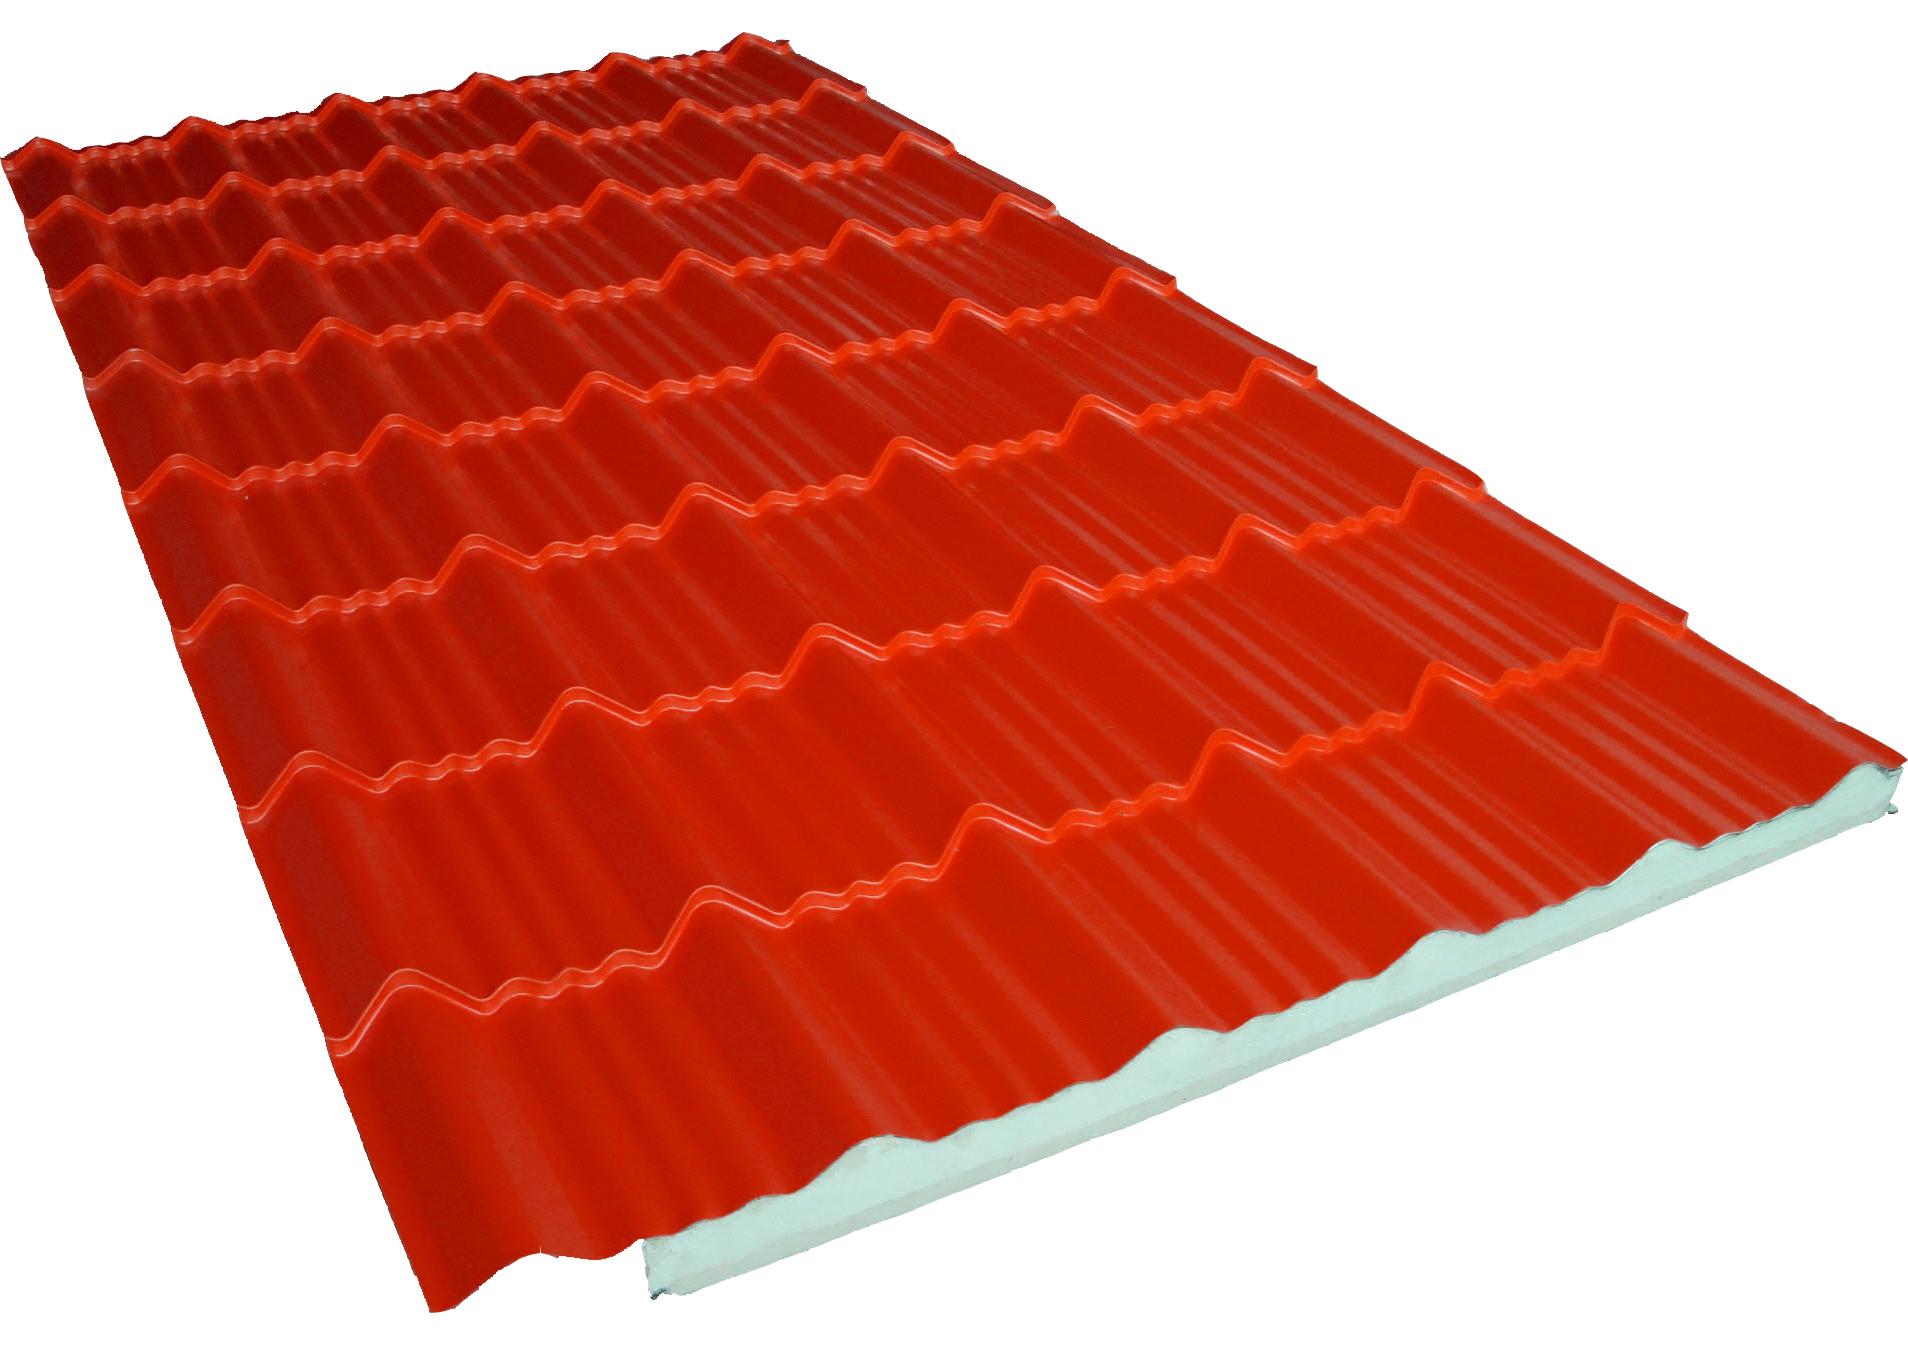 ضخامت و مشخصات فنی ساندویچ پانل سقفی | ساندویچ پانل سازان